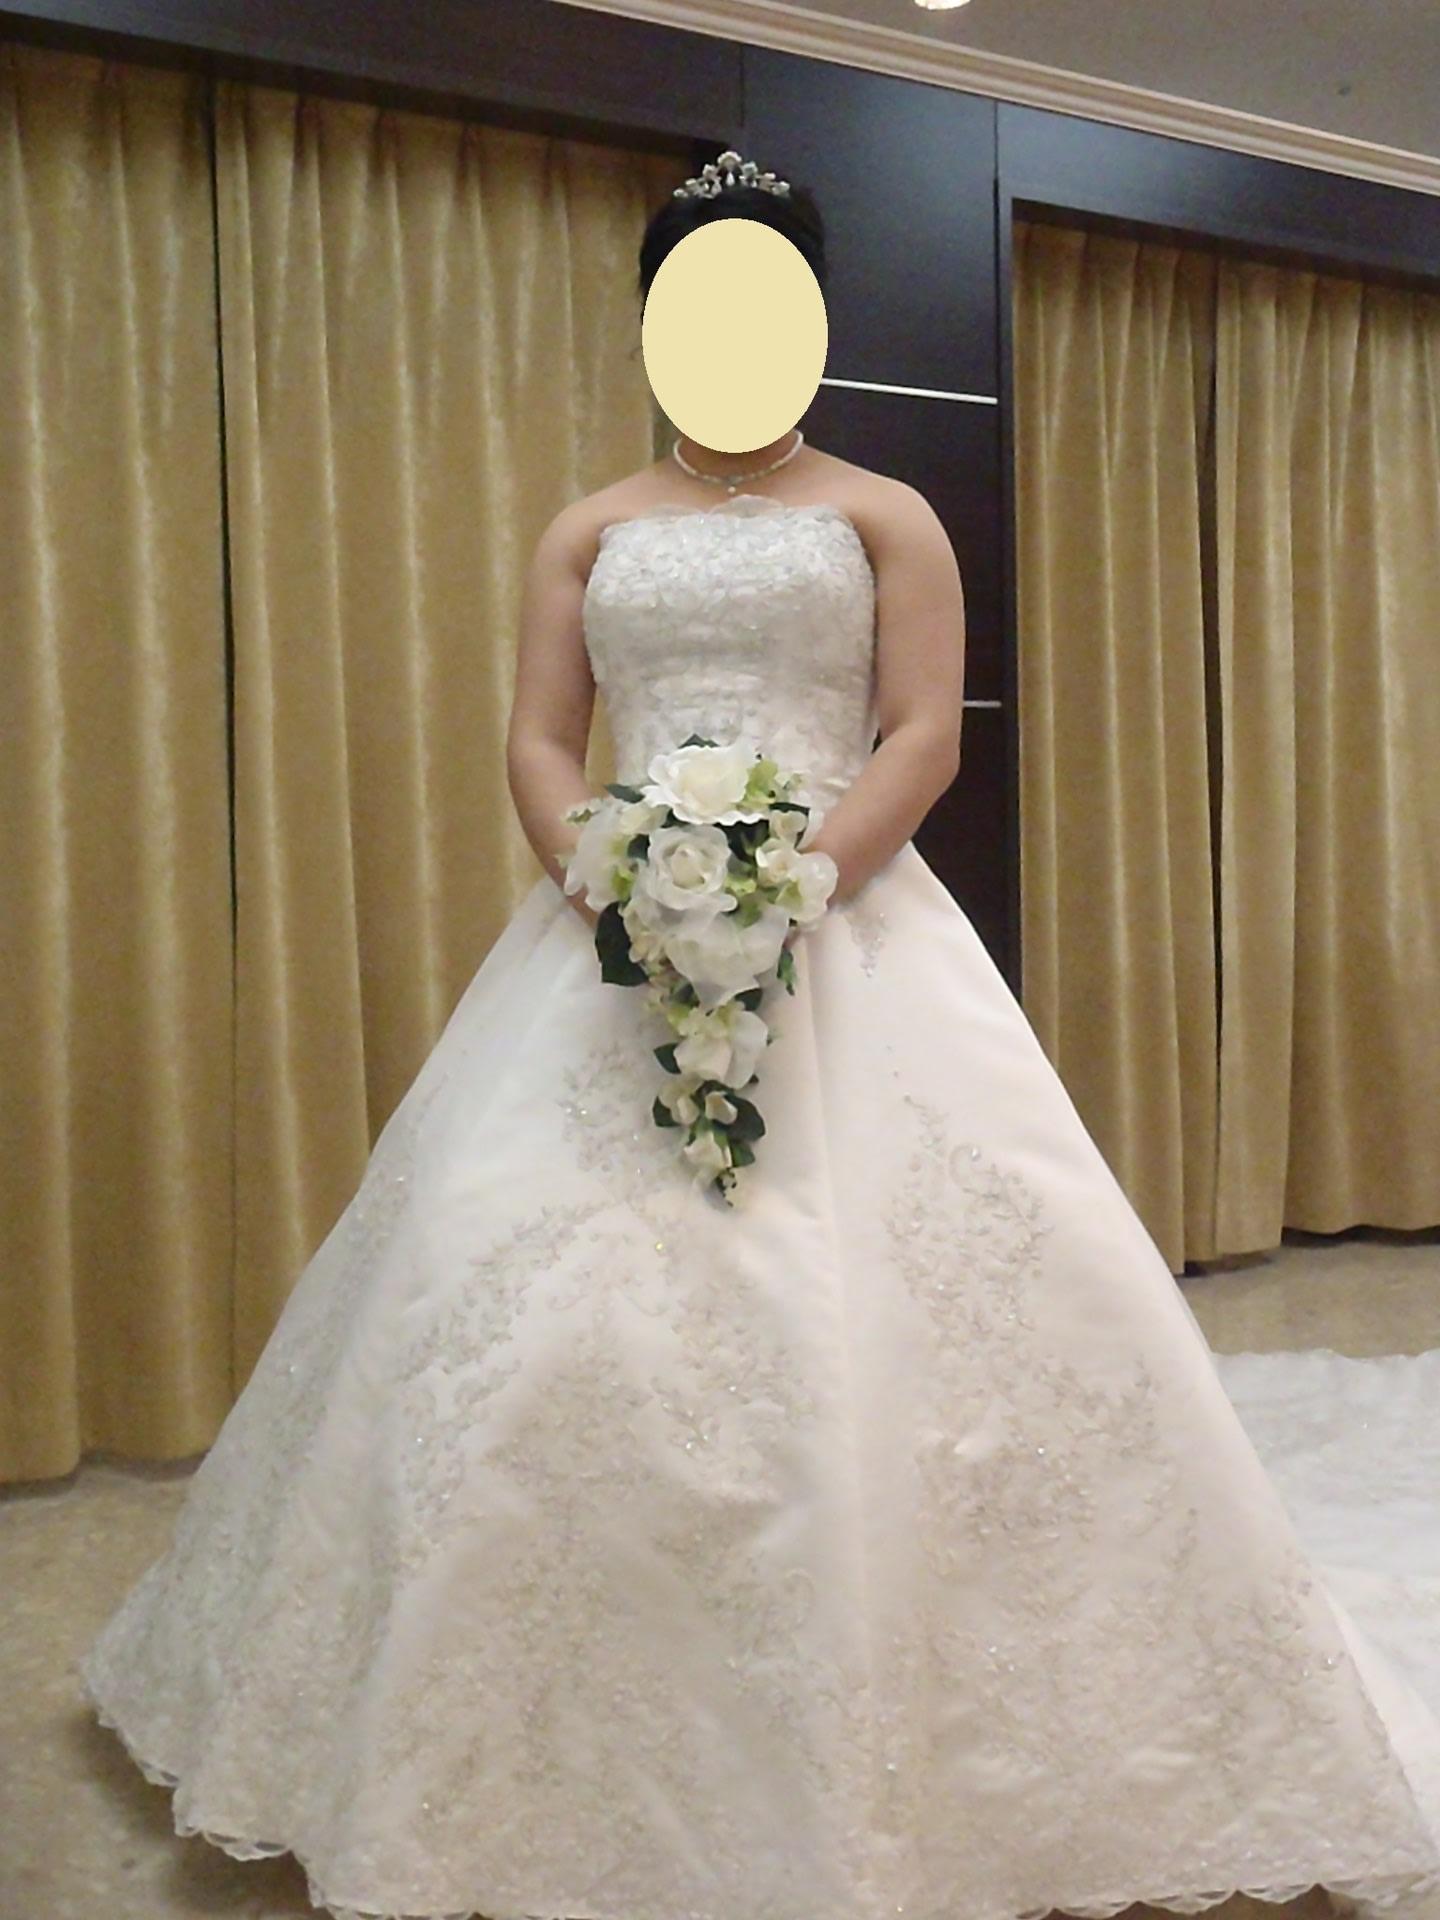 ウエディングドレス2着目、こちらはシルクの生地で22万円。 Aラインのドレスで、こちらの方がRさんのお気に入りです。